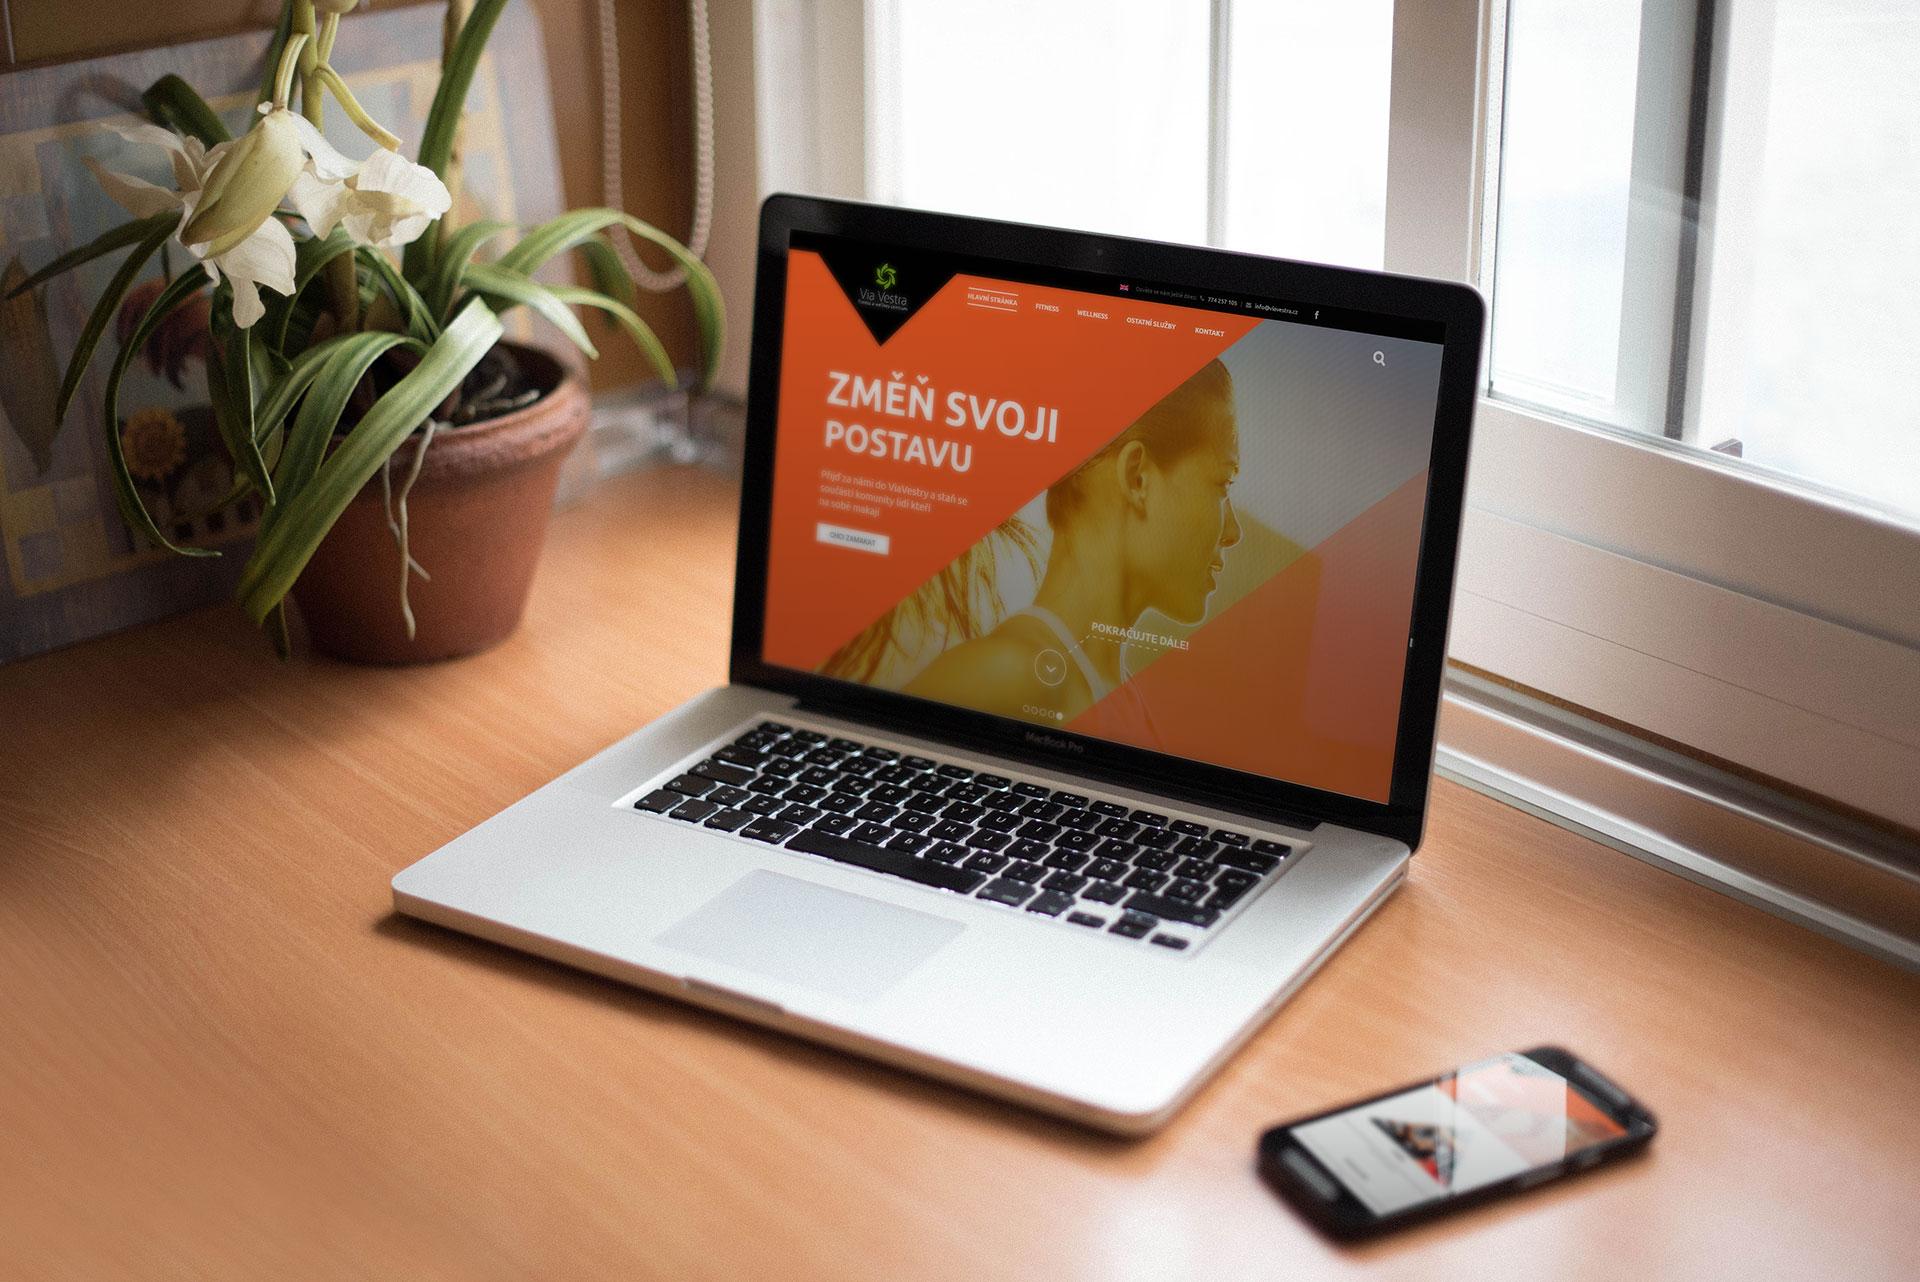 Ukázka nových internetových stránek pro posilovnu ViaVestra. Zároveň jsme provedli i reklamní kampaň na Facebooku.